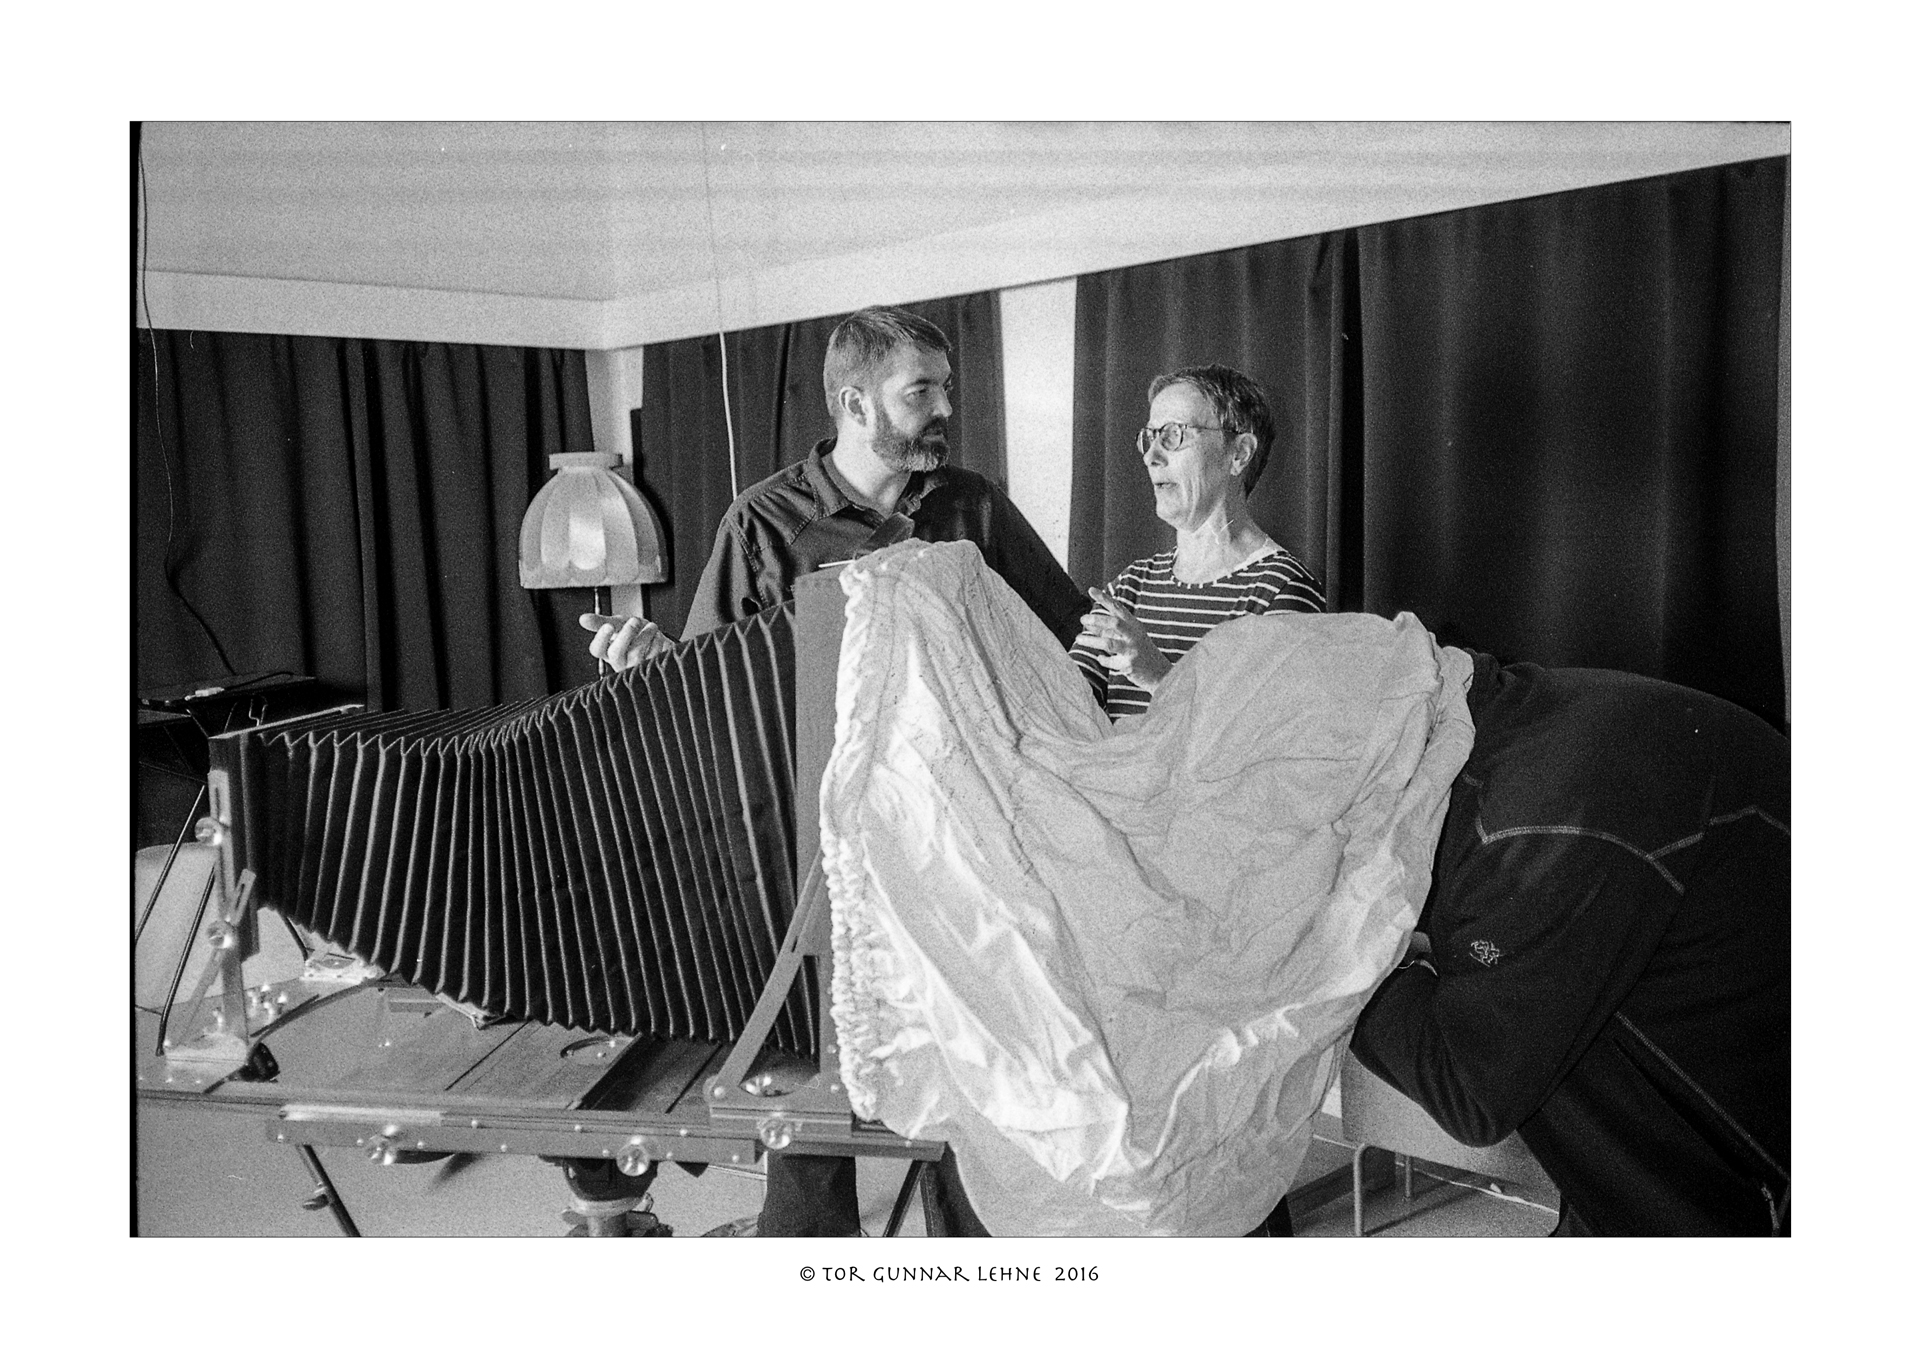 Tromsø Fotoklubbs analoge entusiaster (foto: Tor Gunnar Lehne)